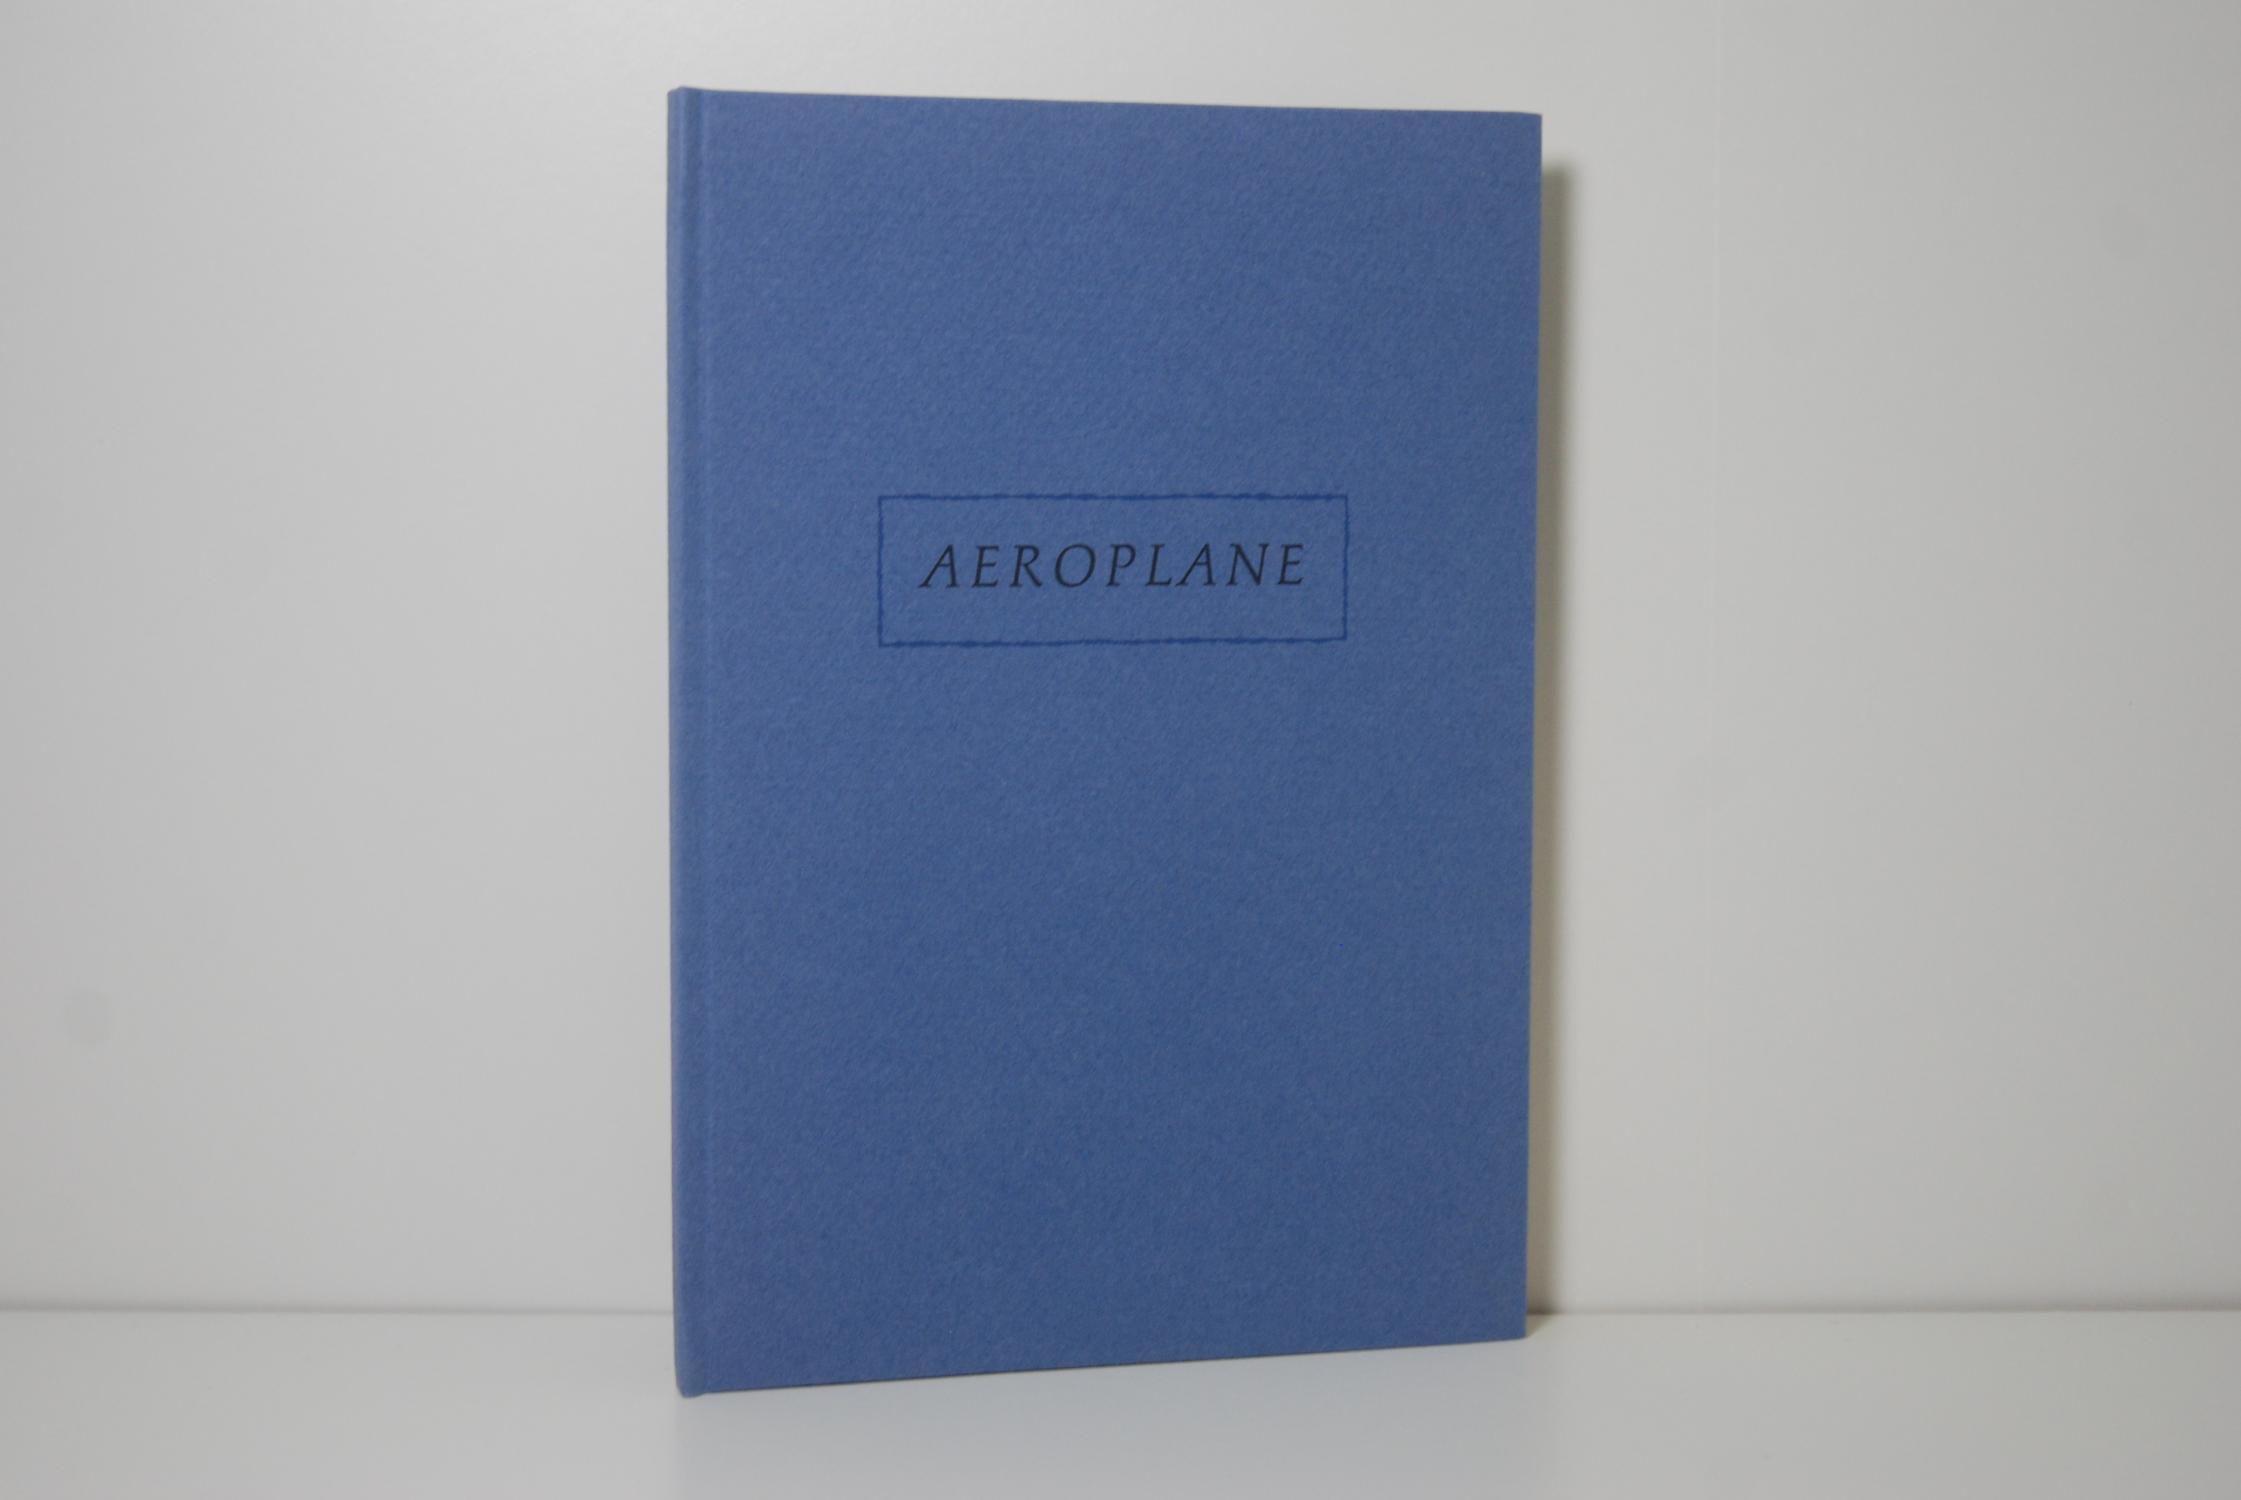 Vialibri Rare Books From 2007 Page 10